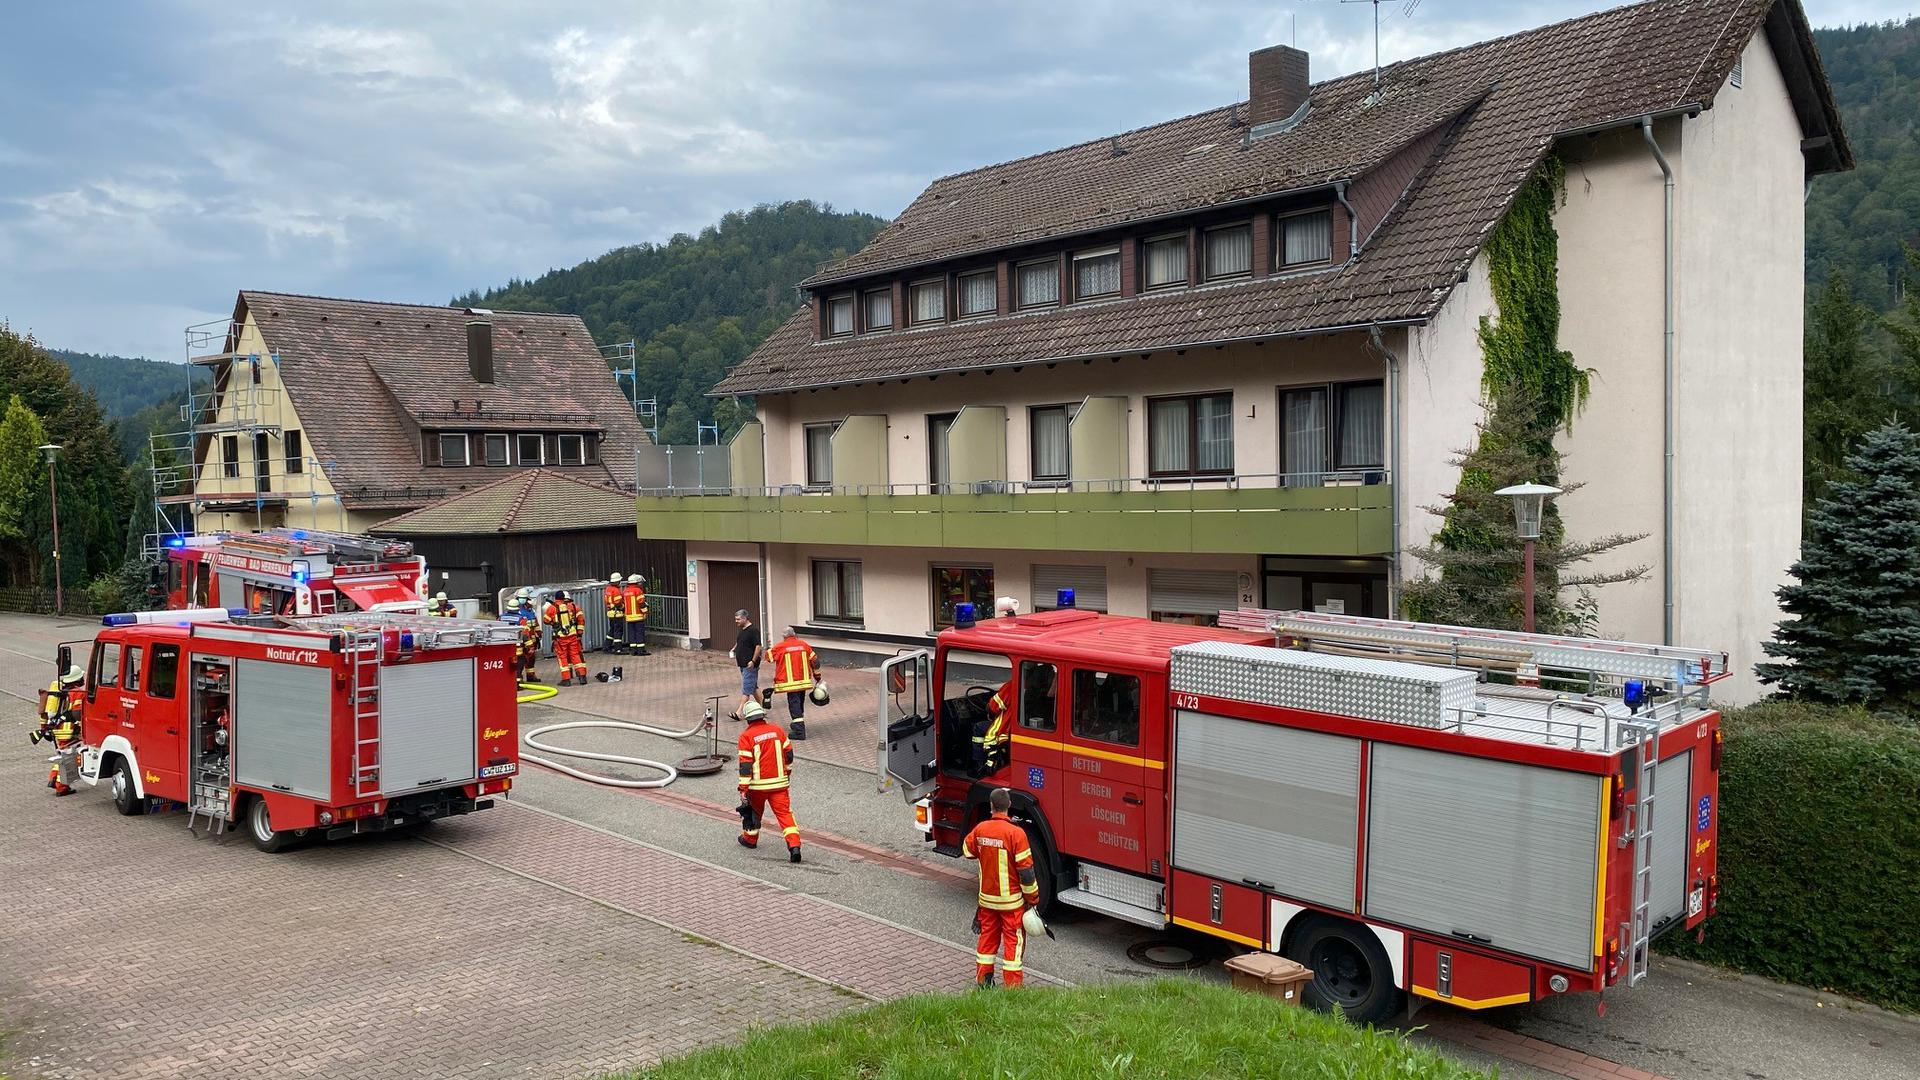 Mit drei Fahrzeugen war die Freiwillige Feuerwehr vor Ort, um die brennende Tanne zu löschen.